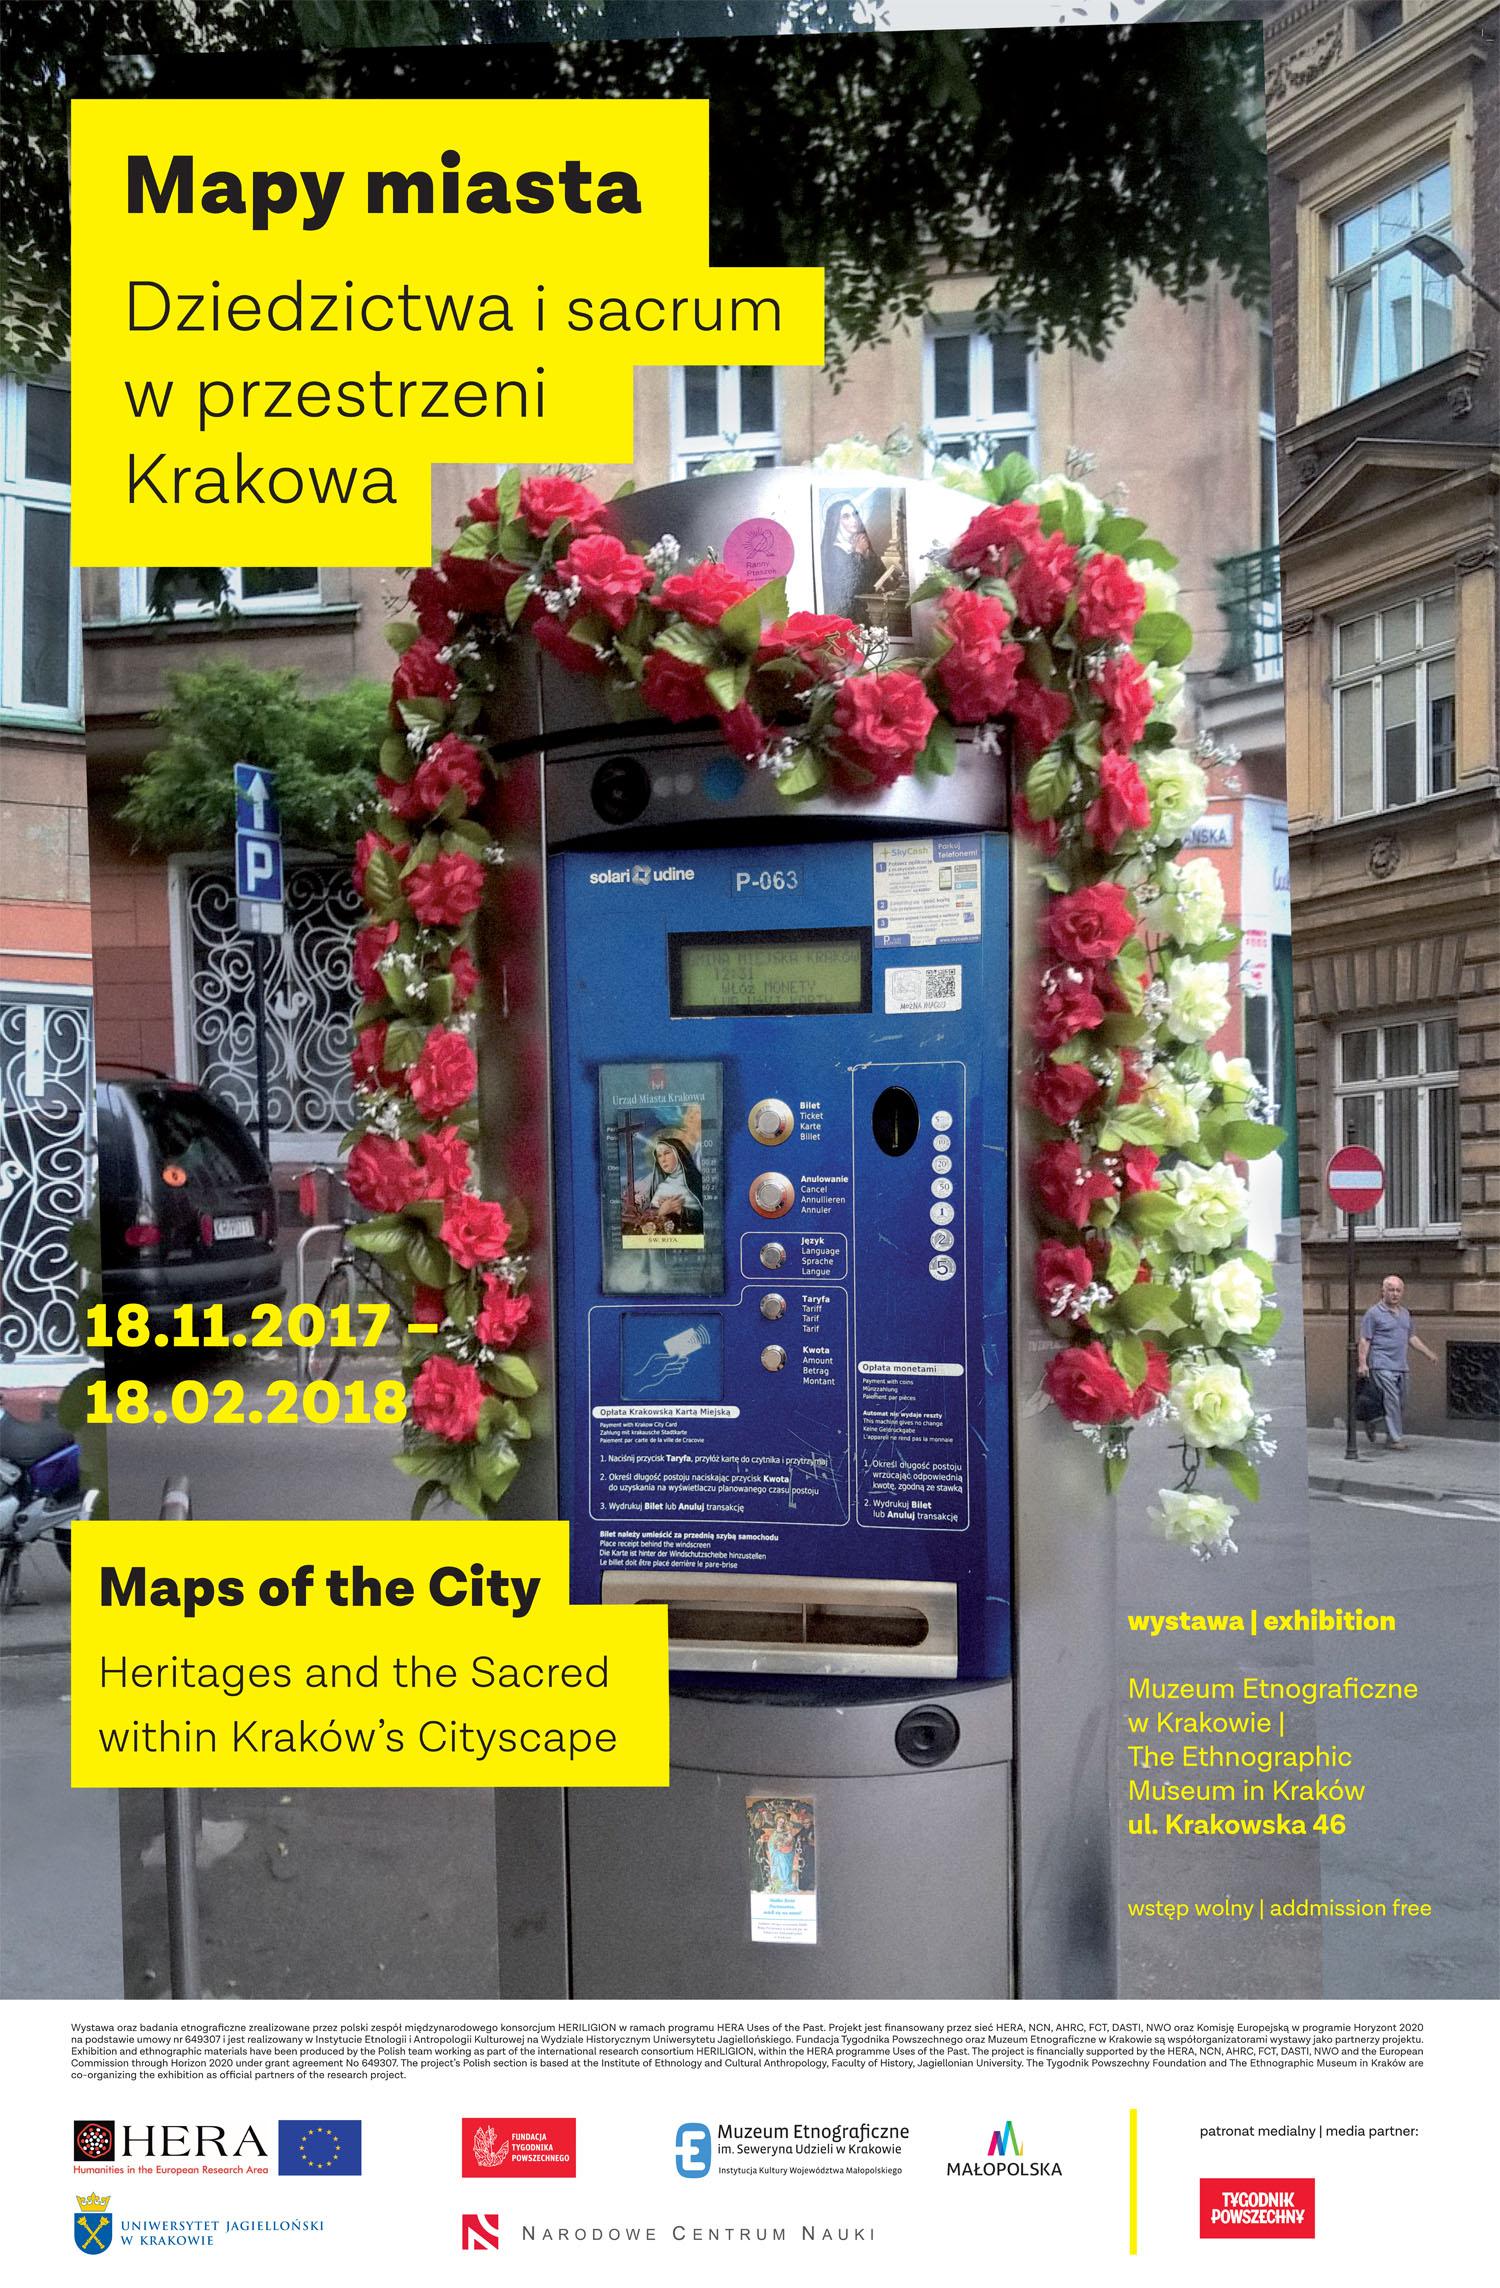 Plakat wystawy (źródło: materiały prasowe organizatora)